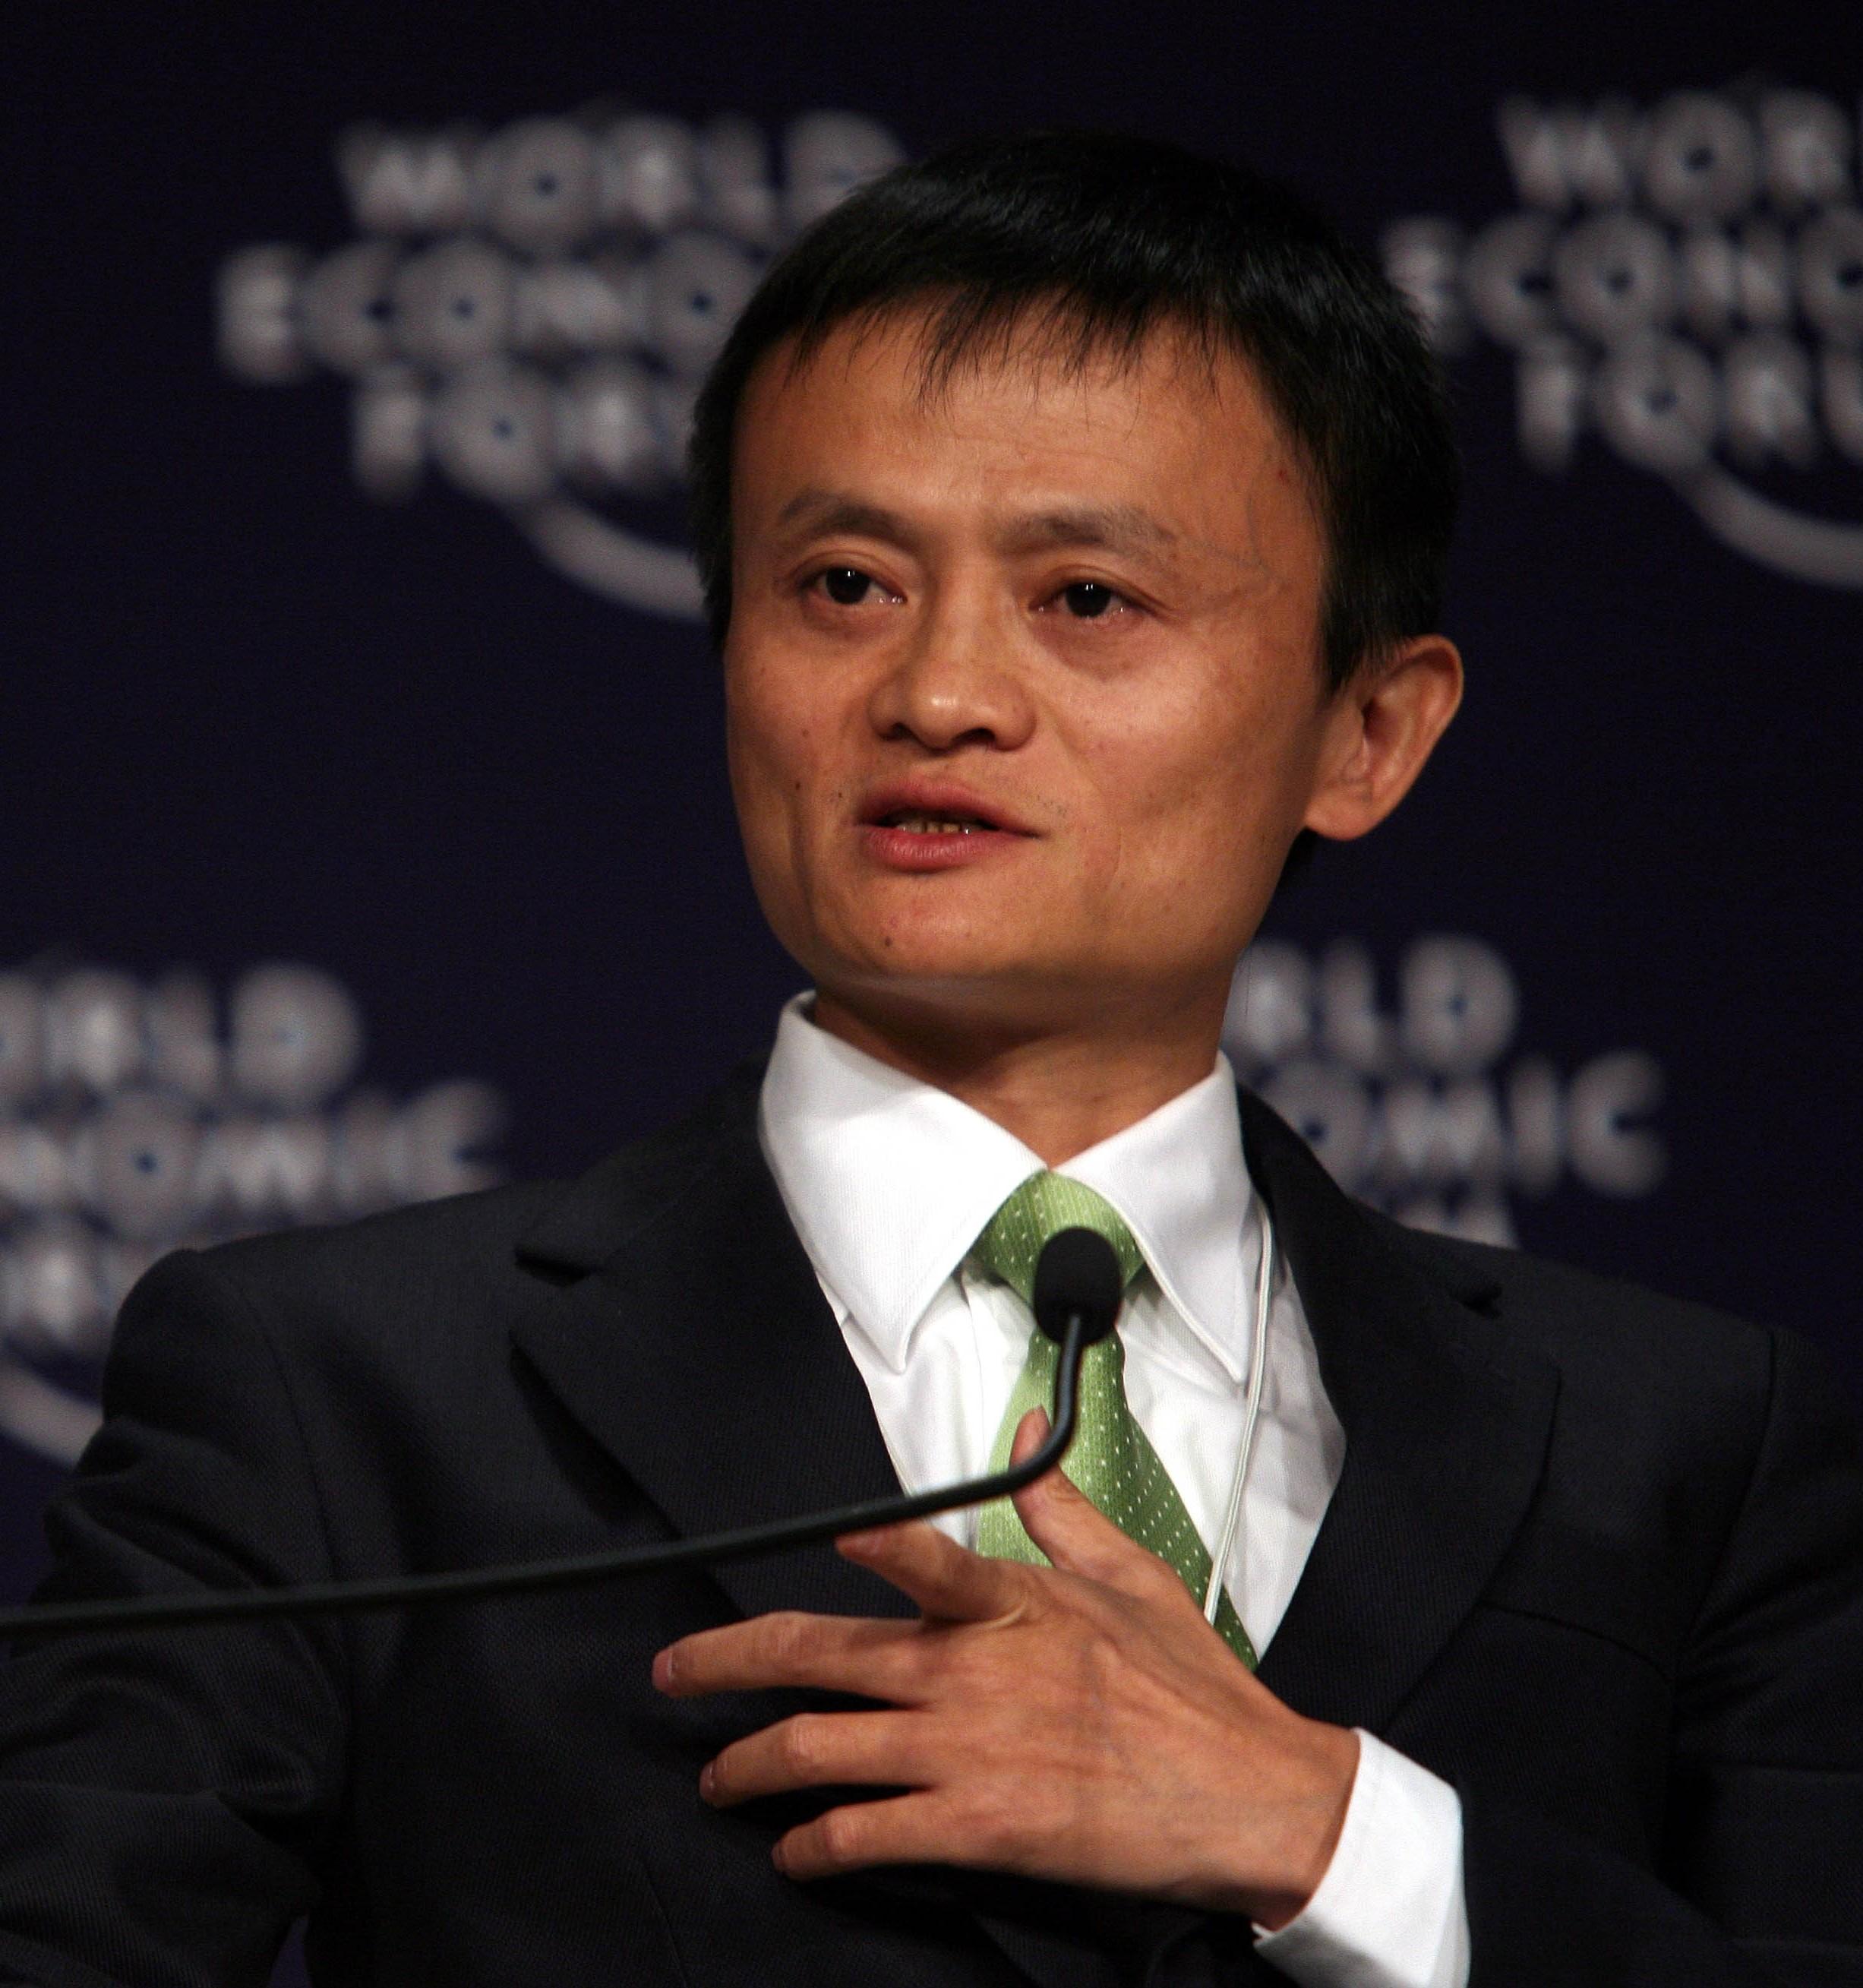 World Economic Forum (www.weforum.org)/Photo by Natalie Behring